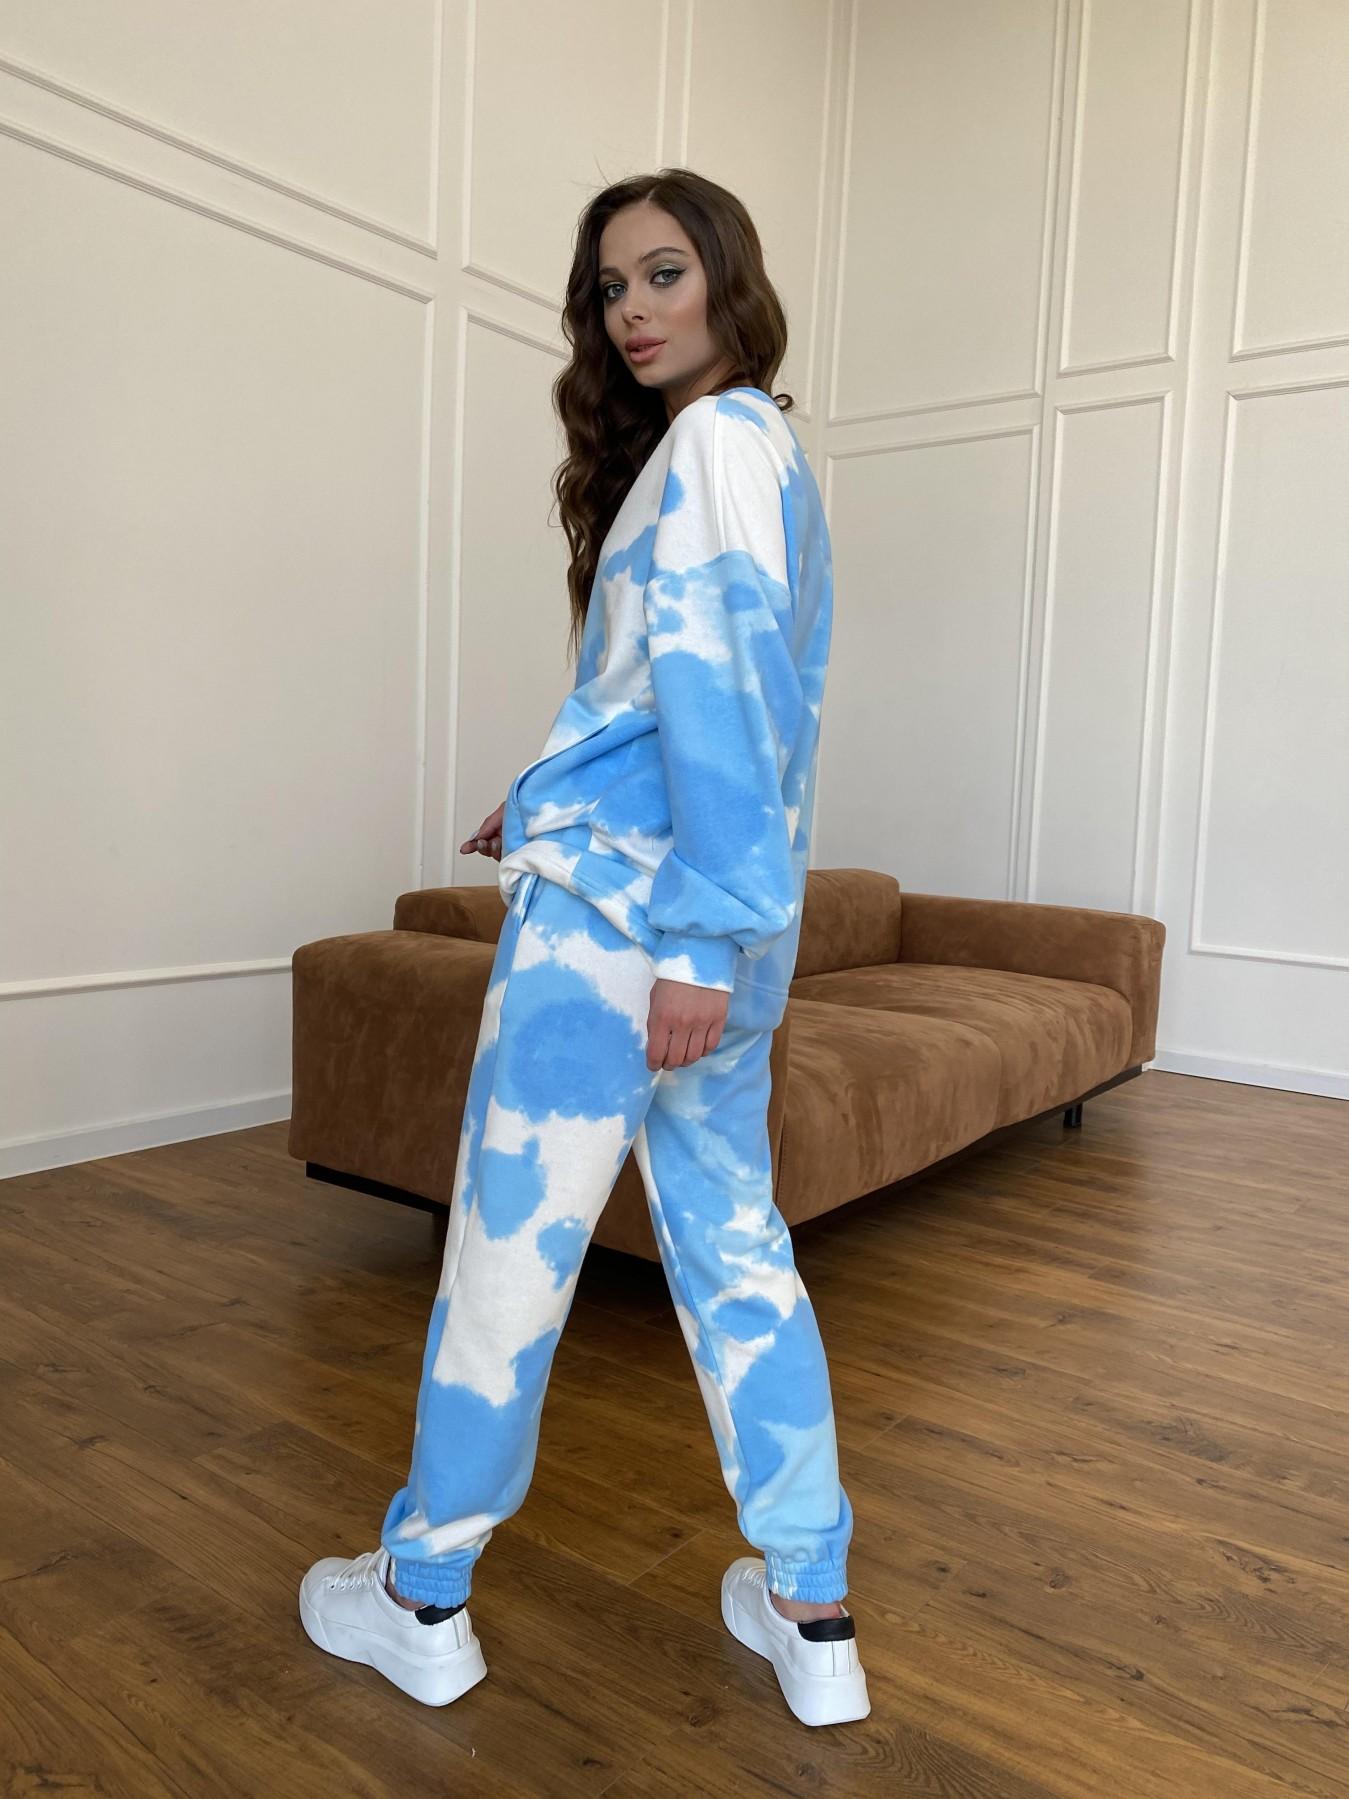 Скай костюм c принтом из 3х нитки 11248 АРТ. 47769 Цвет: Молоко/голубойТайДай - фото 10, интернет магазин tm-modus.ru